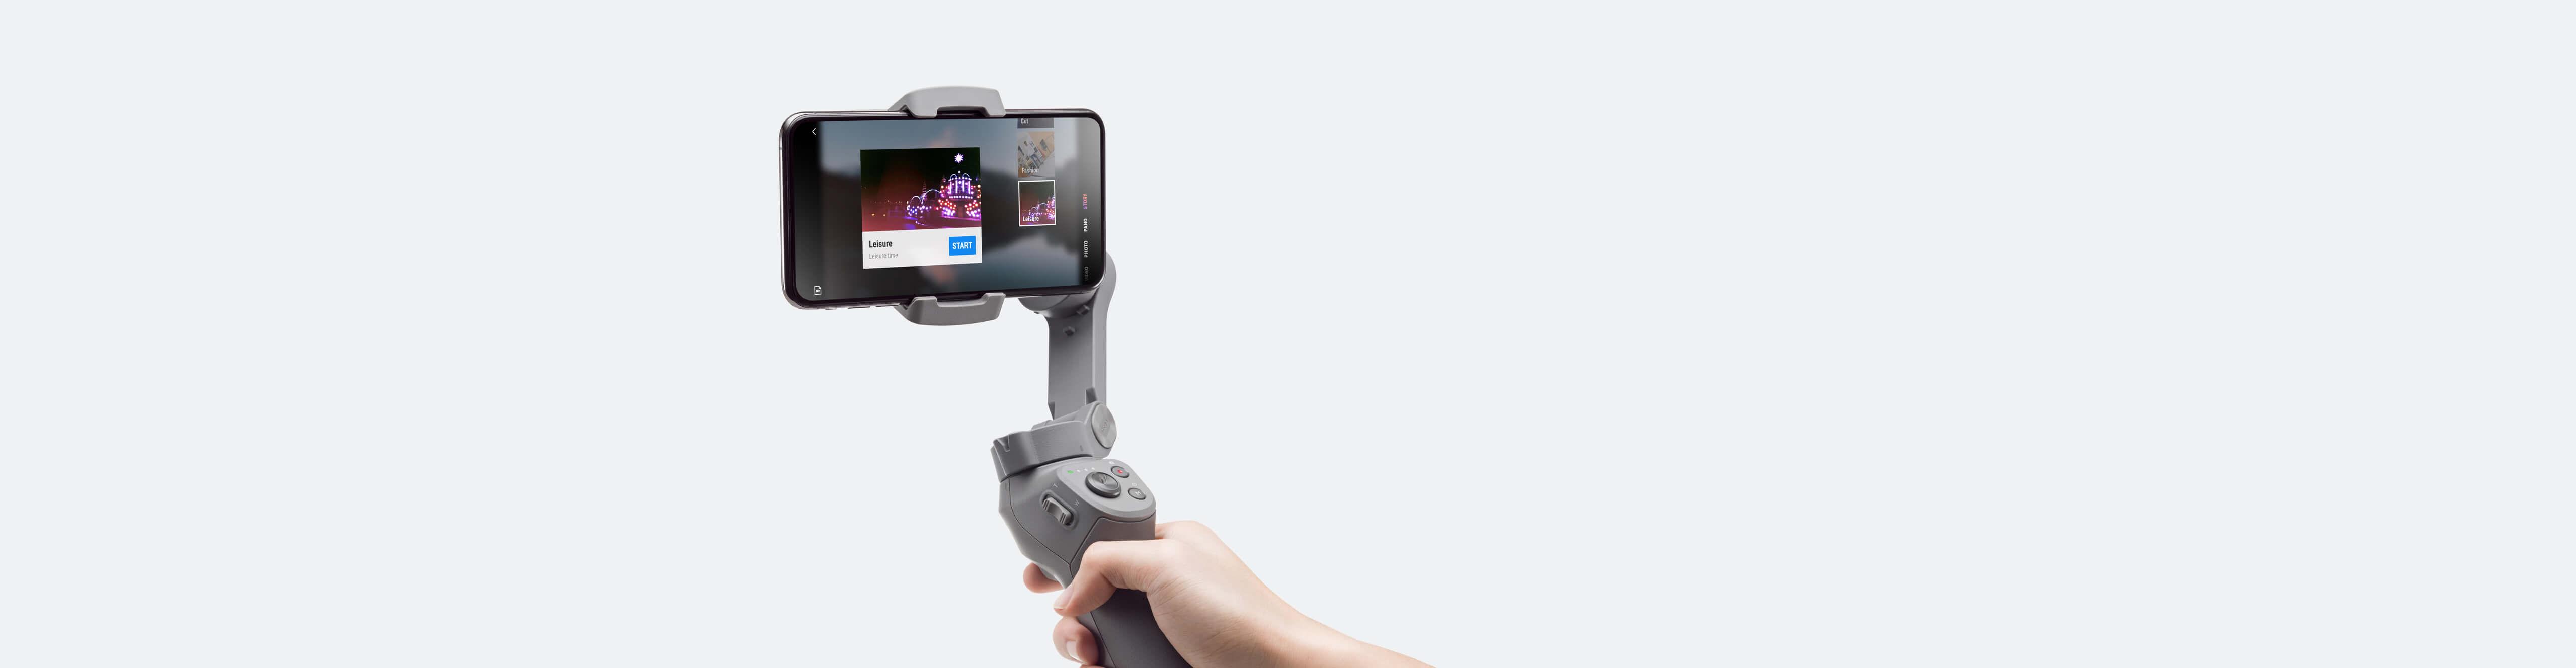 dji mobile 3